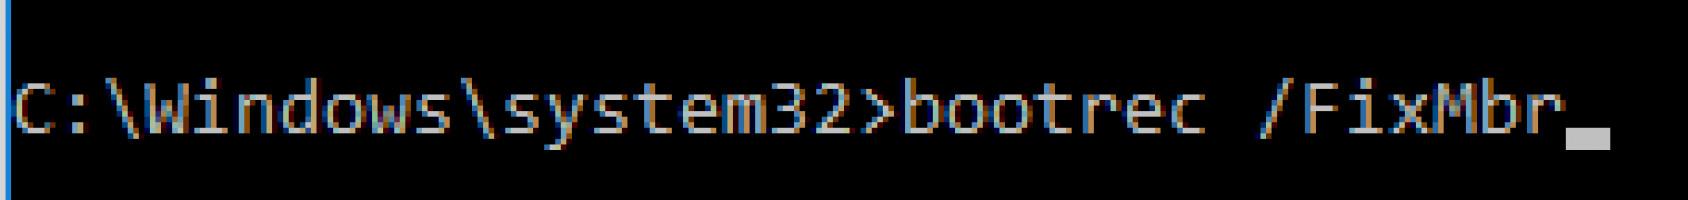 Step1. Use BOOTREC fix Mbr to fix 0xc0000185 error